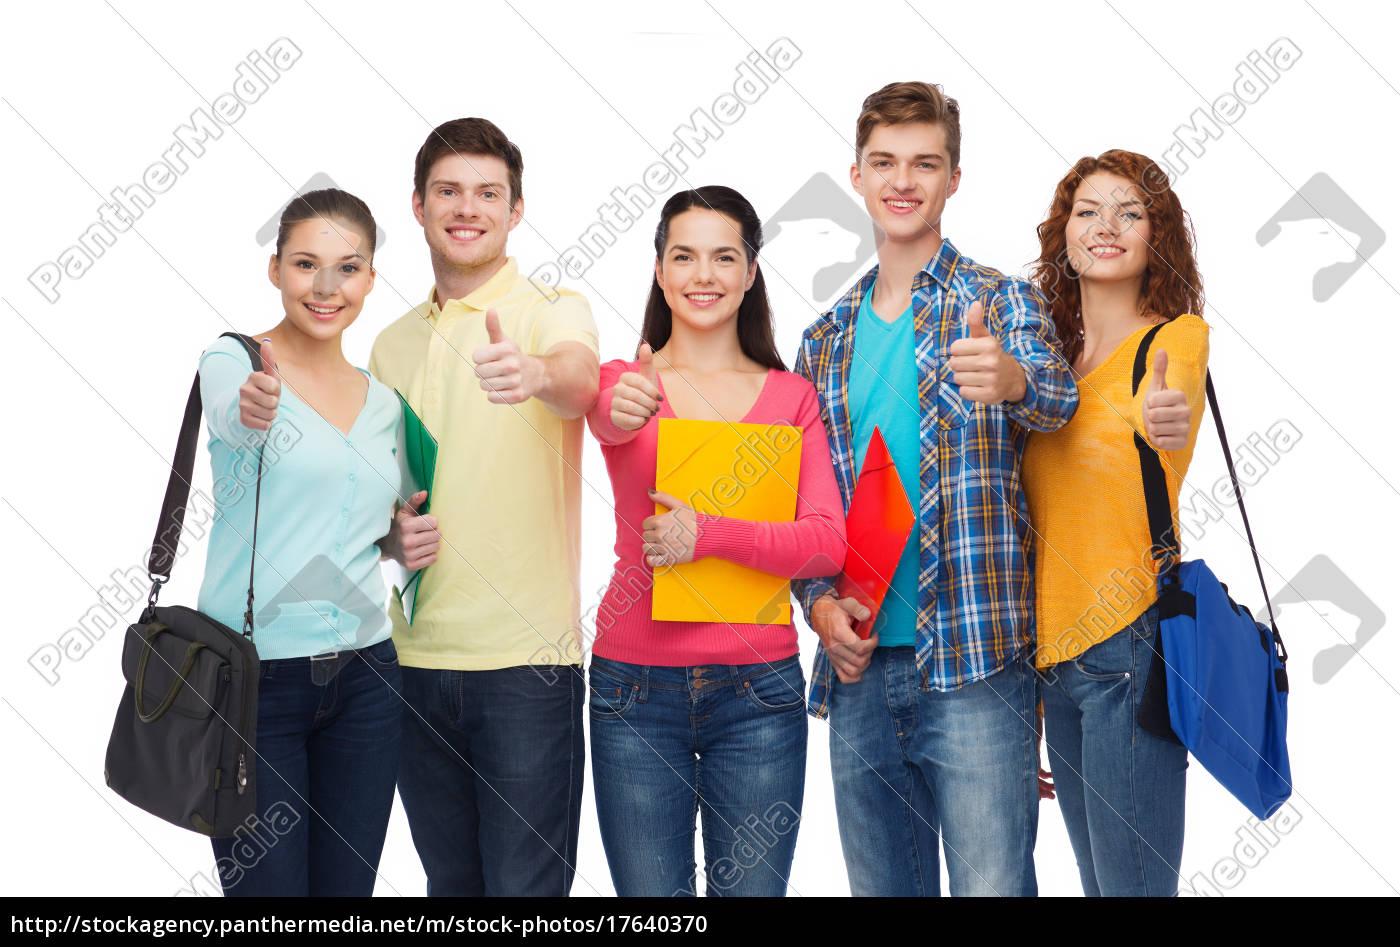 gruppe, lächelnder, teenager, zeigt, daumen, hoch - 17640370